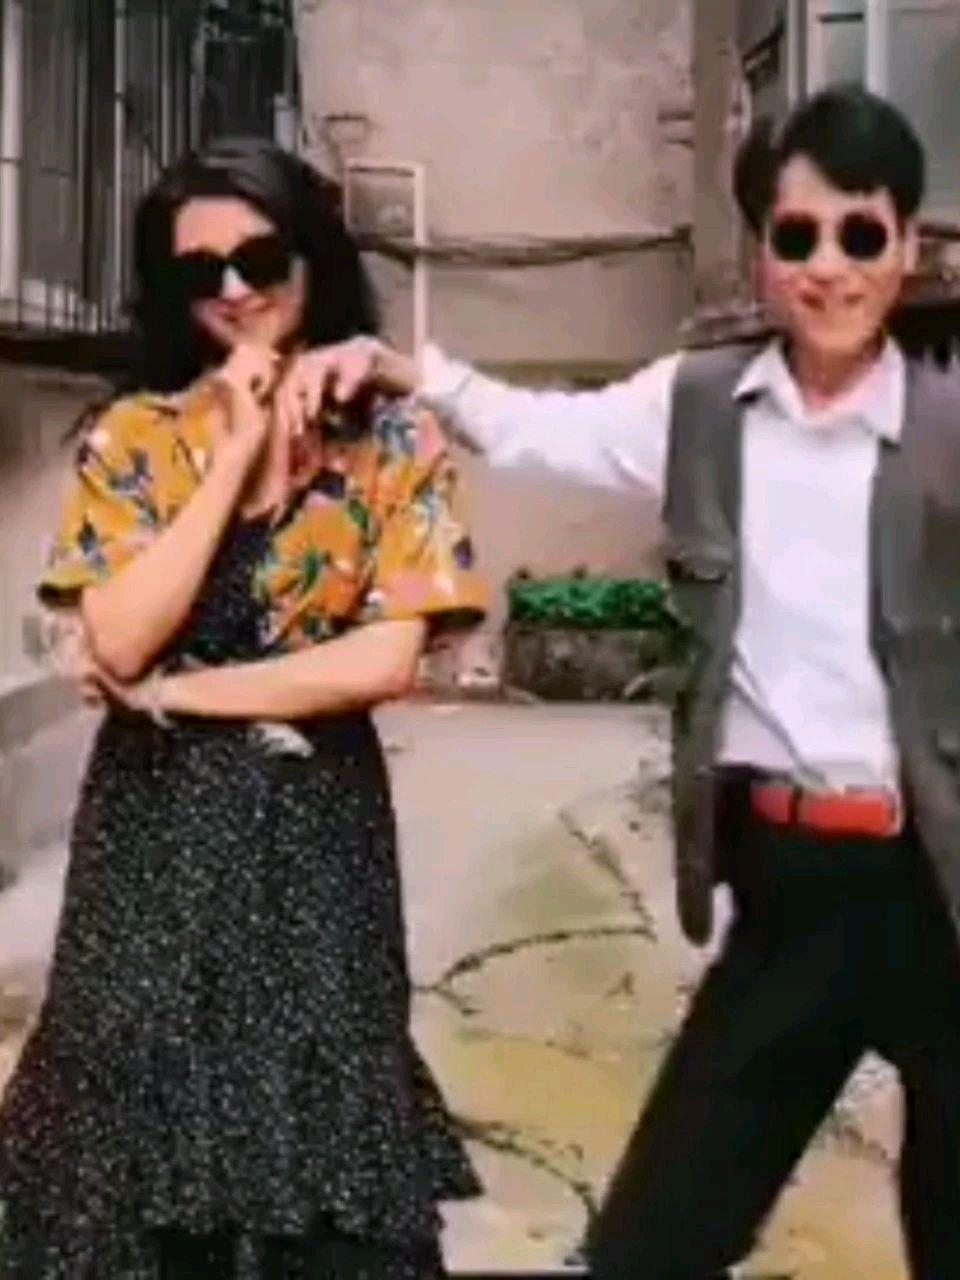 八十年代人PK现代人。全世界最流行的舞蹈《路灯下的小姑娘》,音质。服饰。舞姿。打扮。那么不同。你更喜欢谁呢?